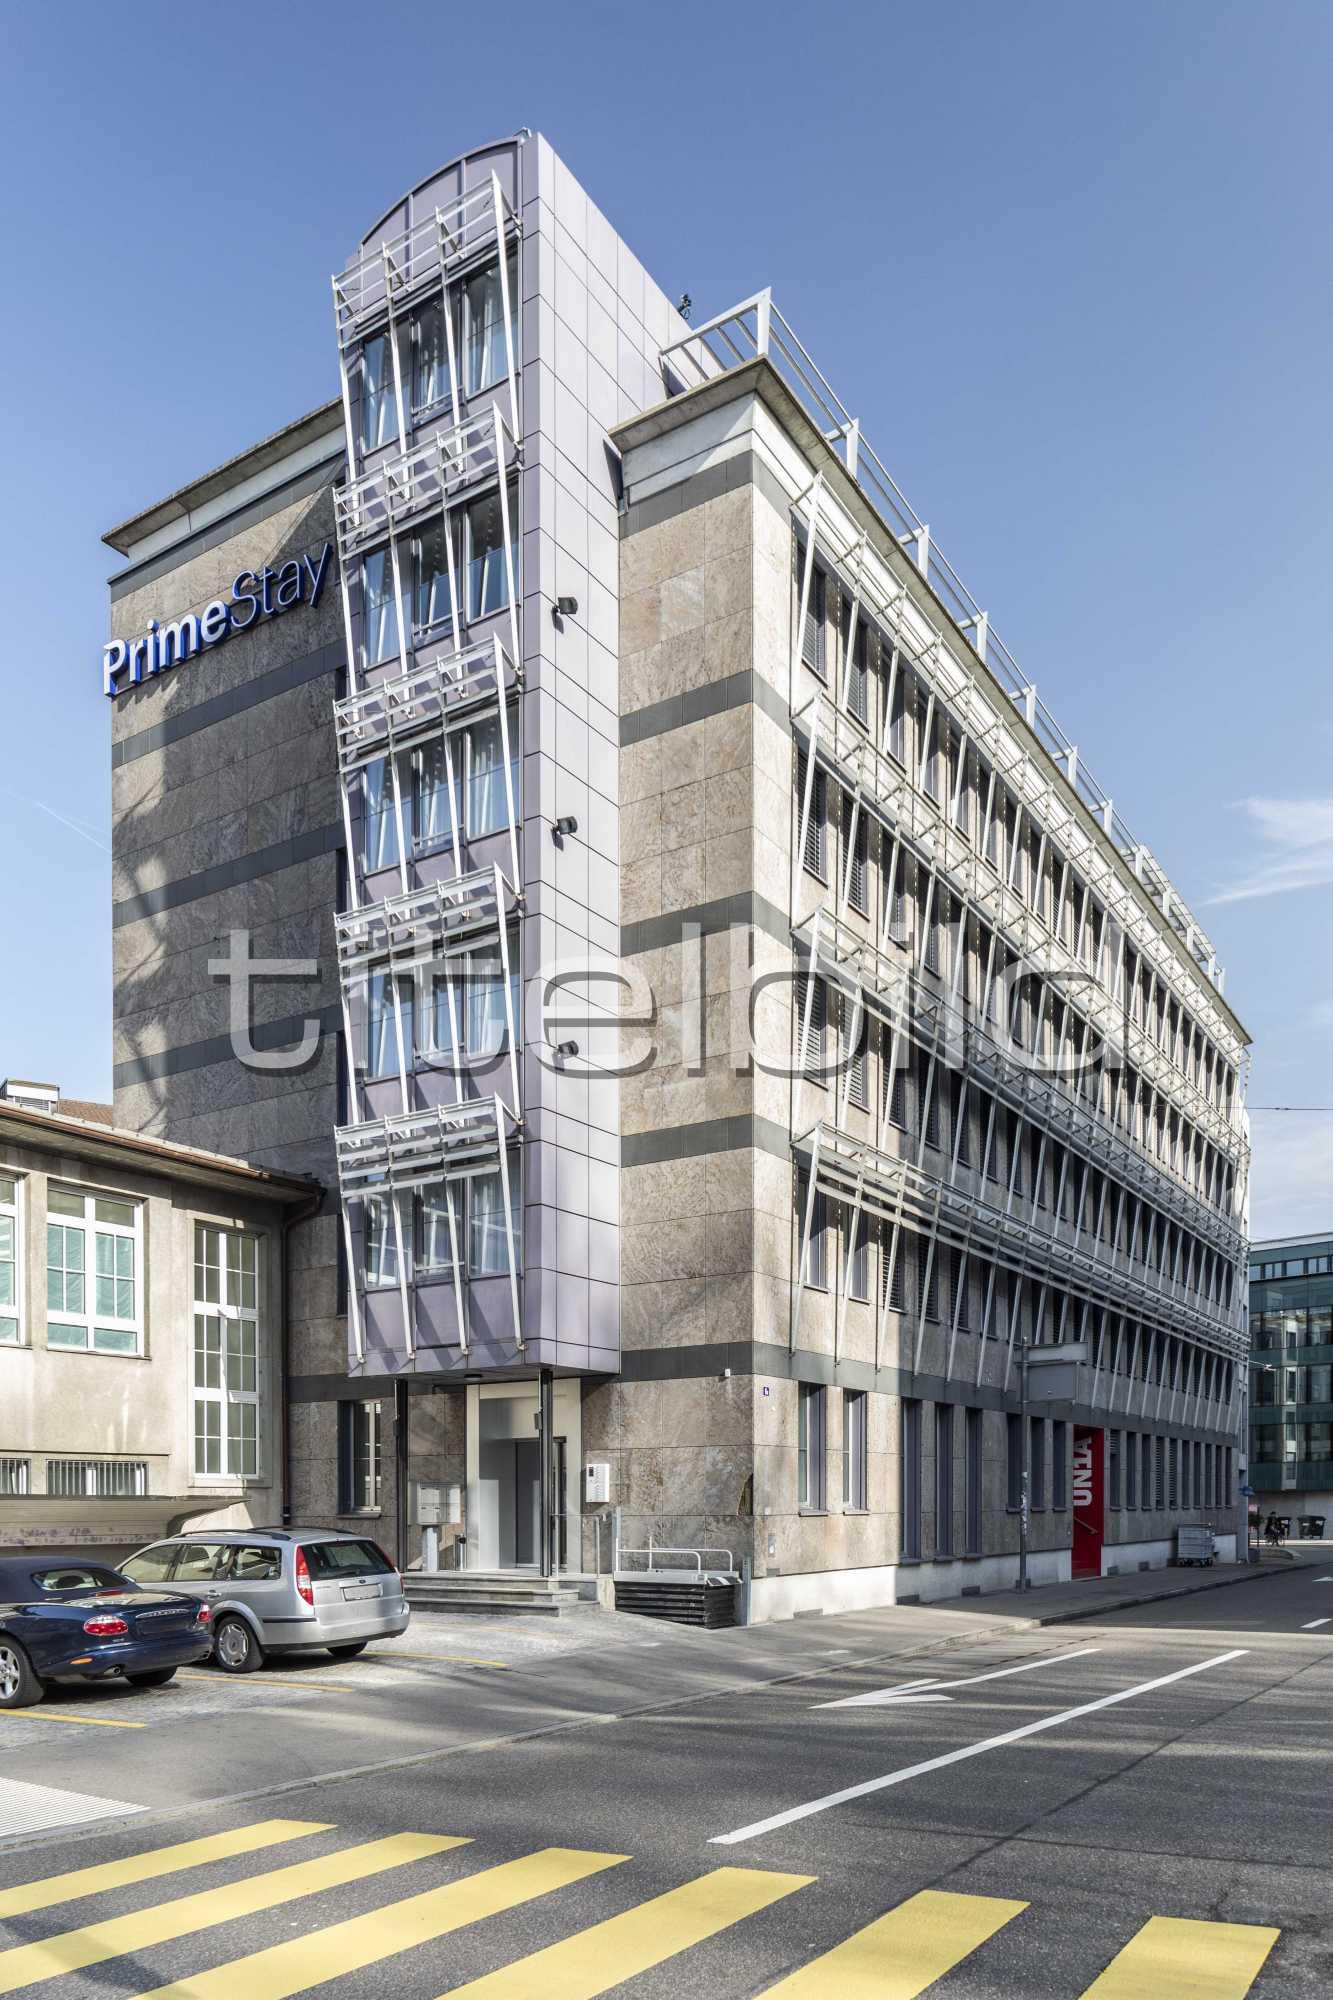 Projektbild-Nr. 3: GH Lagerhausstrasse 6, 8400 Winterthur